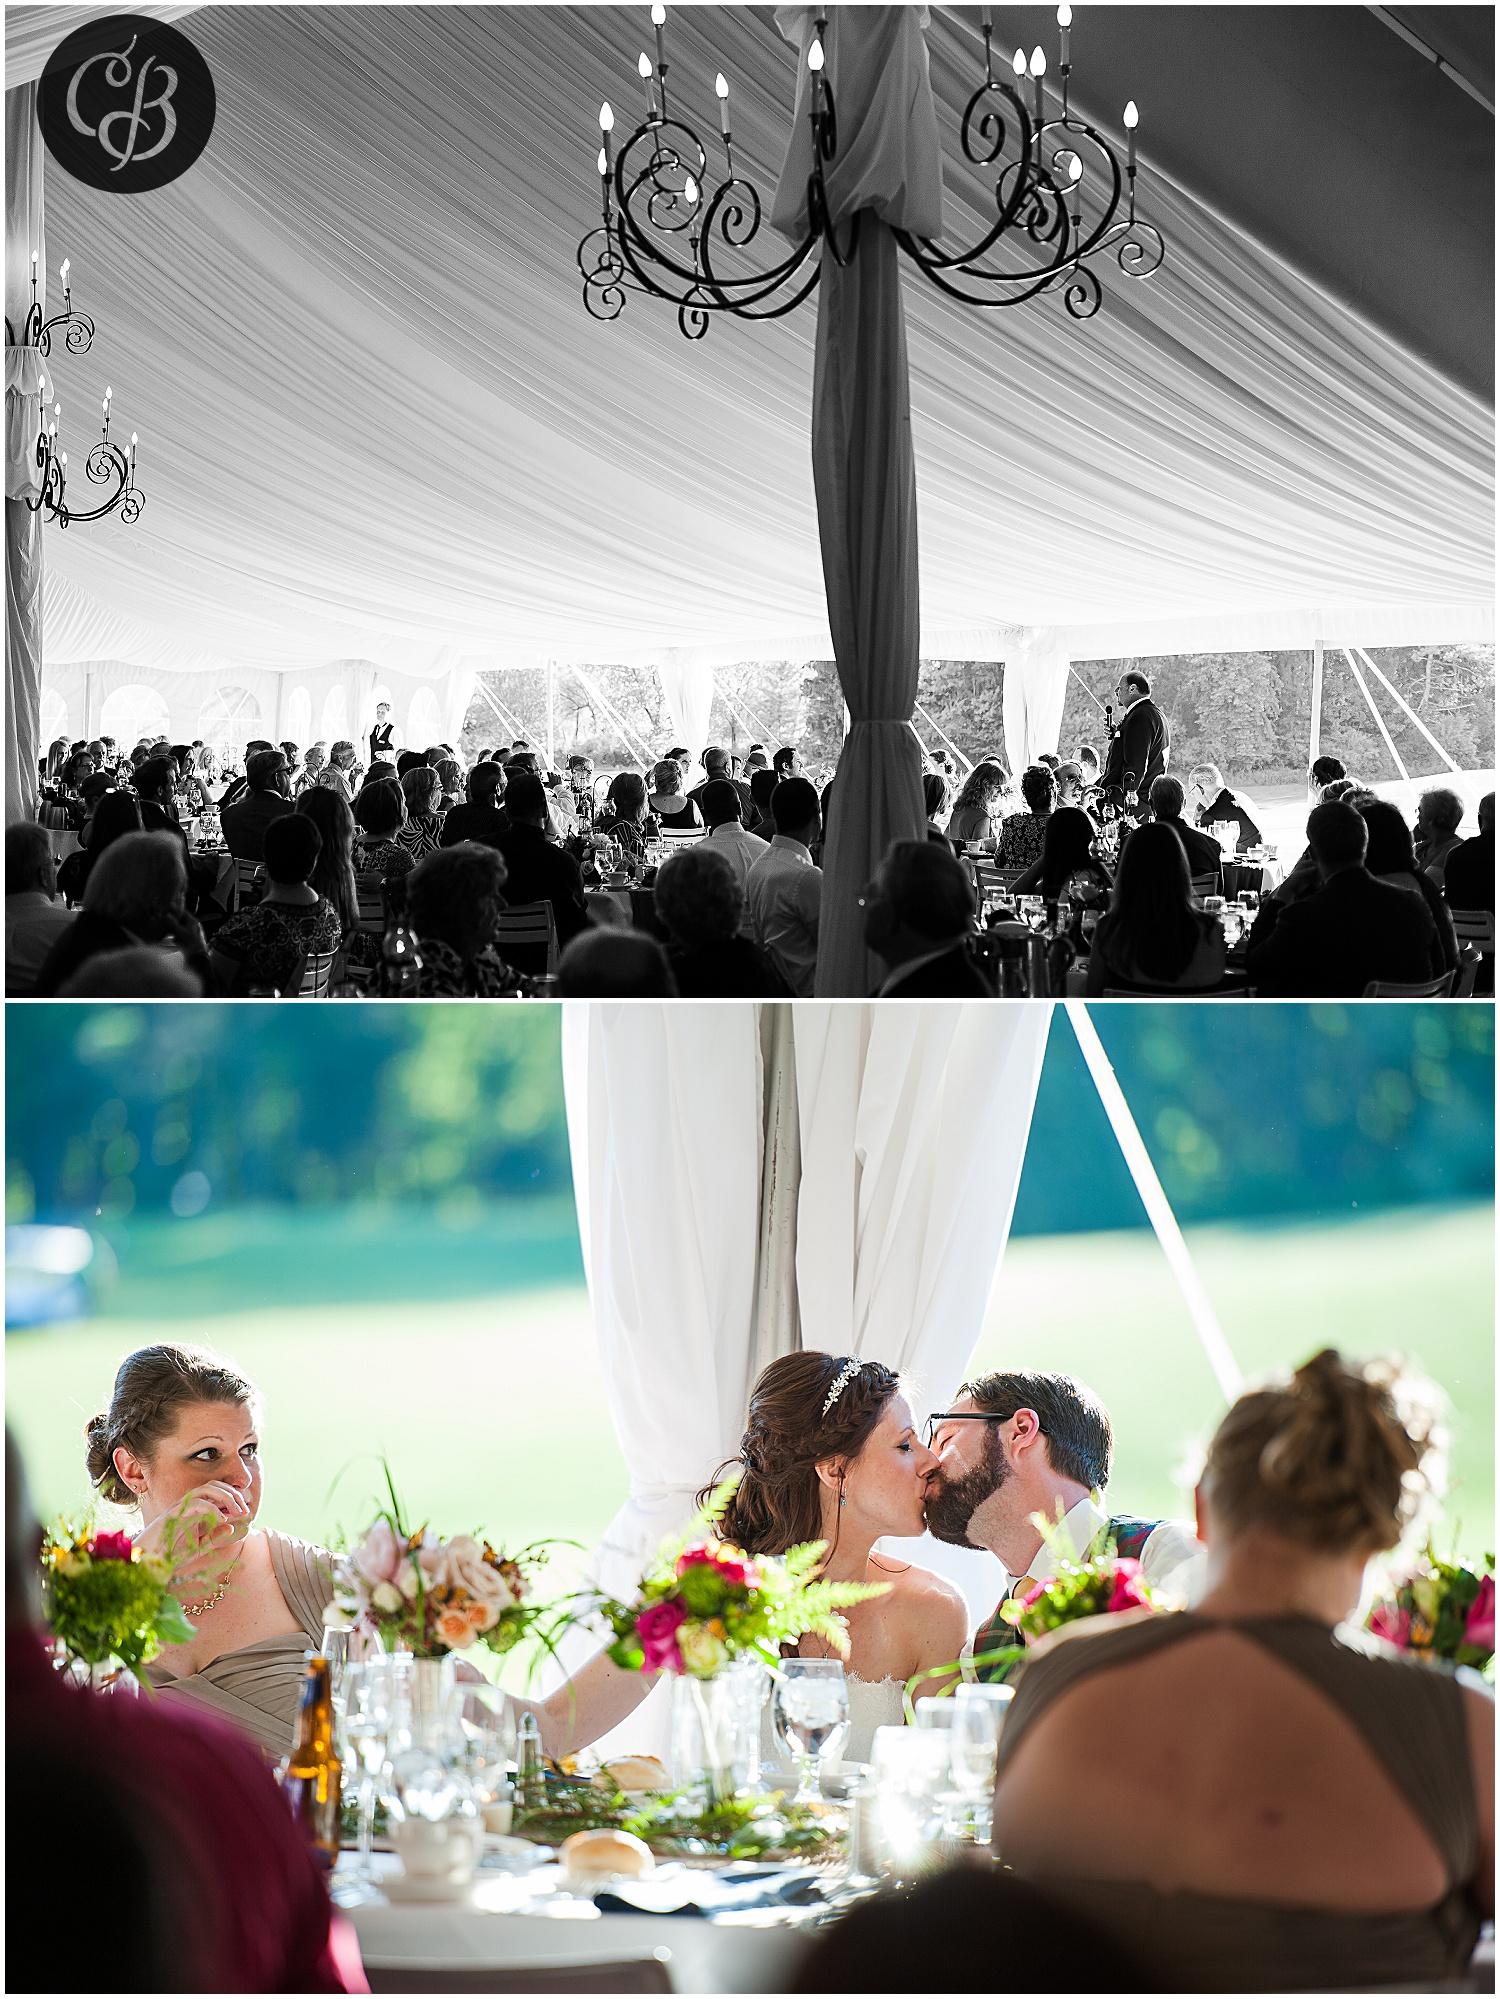 Meadow-brook-hall-wedding_0035.jpg